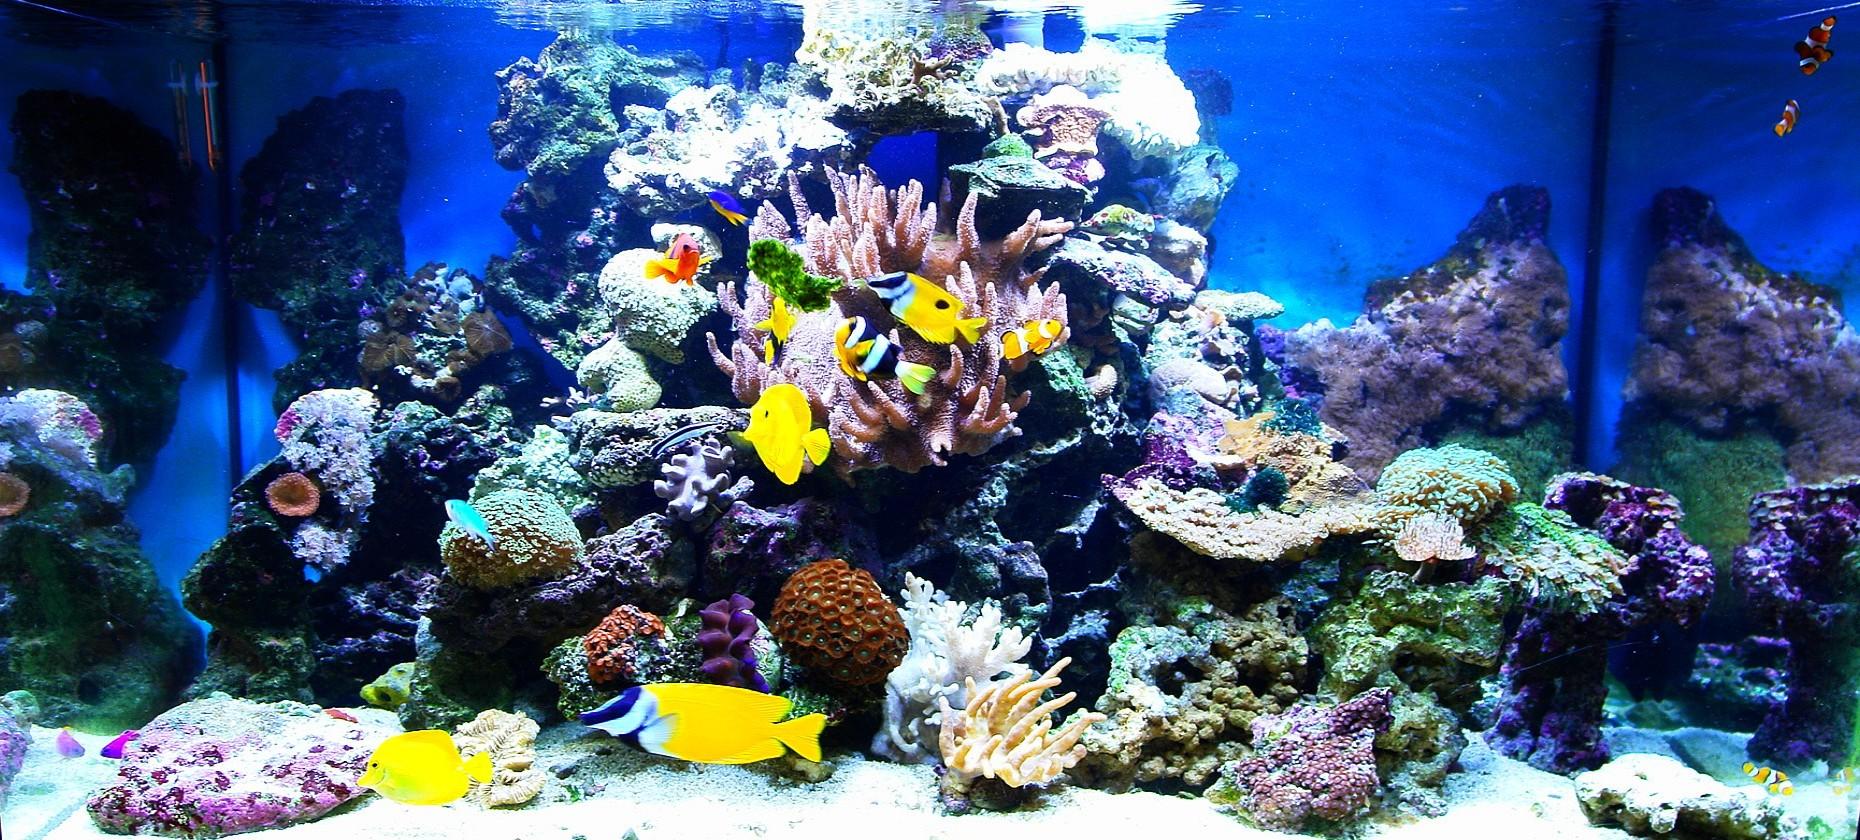 Sump Podzespoły I Sprzęt Filtracyjny Filtracja Akwaria Morskie